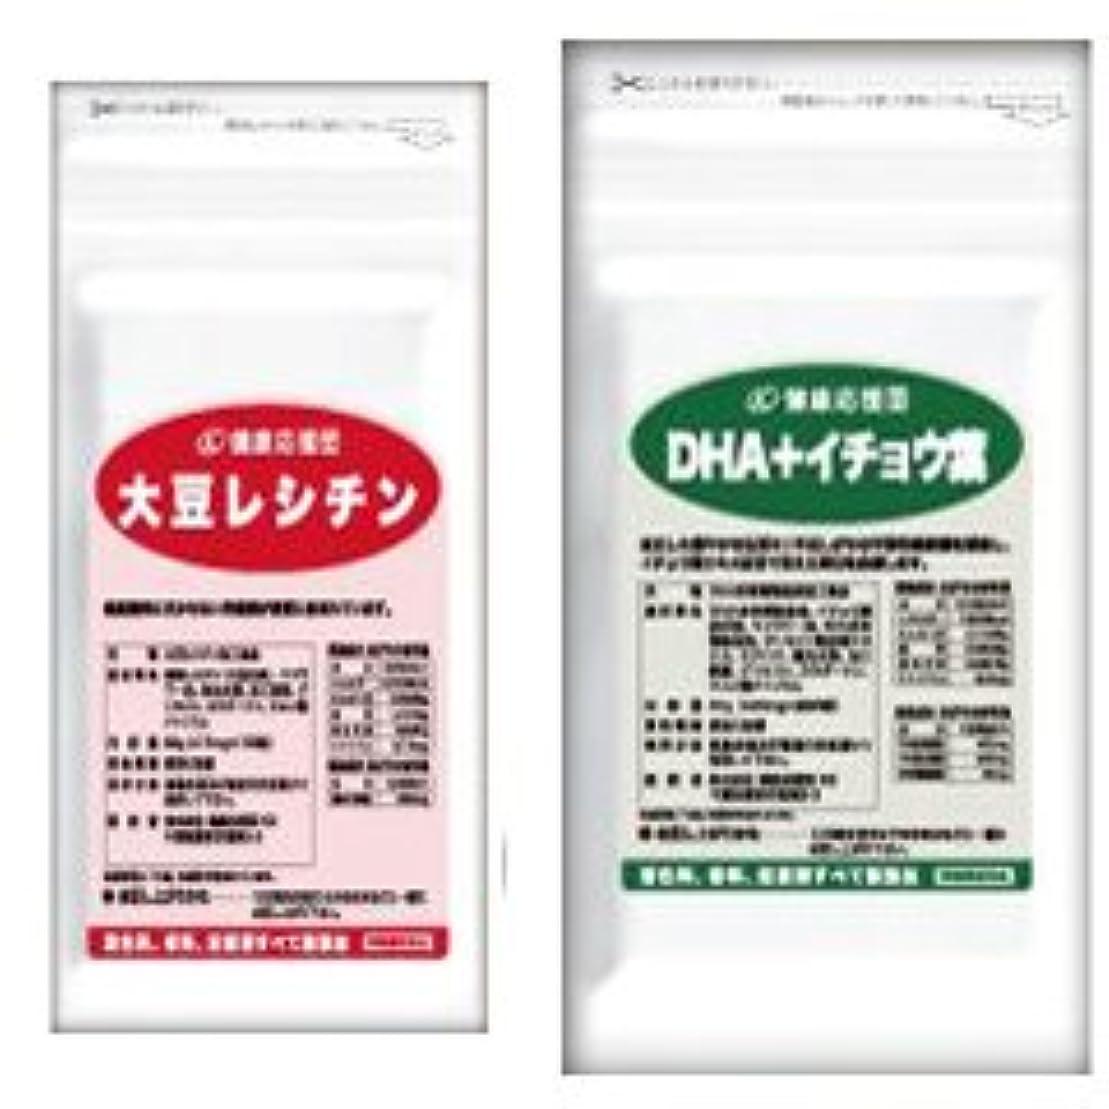 特異性殺人アテンダント流れサラサラセット 大豆レシチン+(DHA?EPA+イチョウ葉) お徳用12か月分